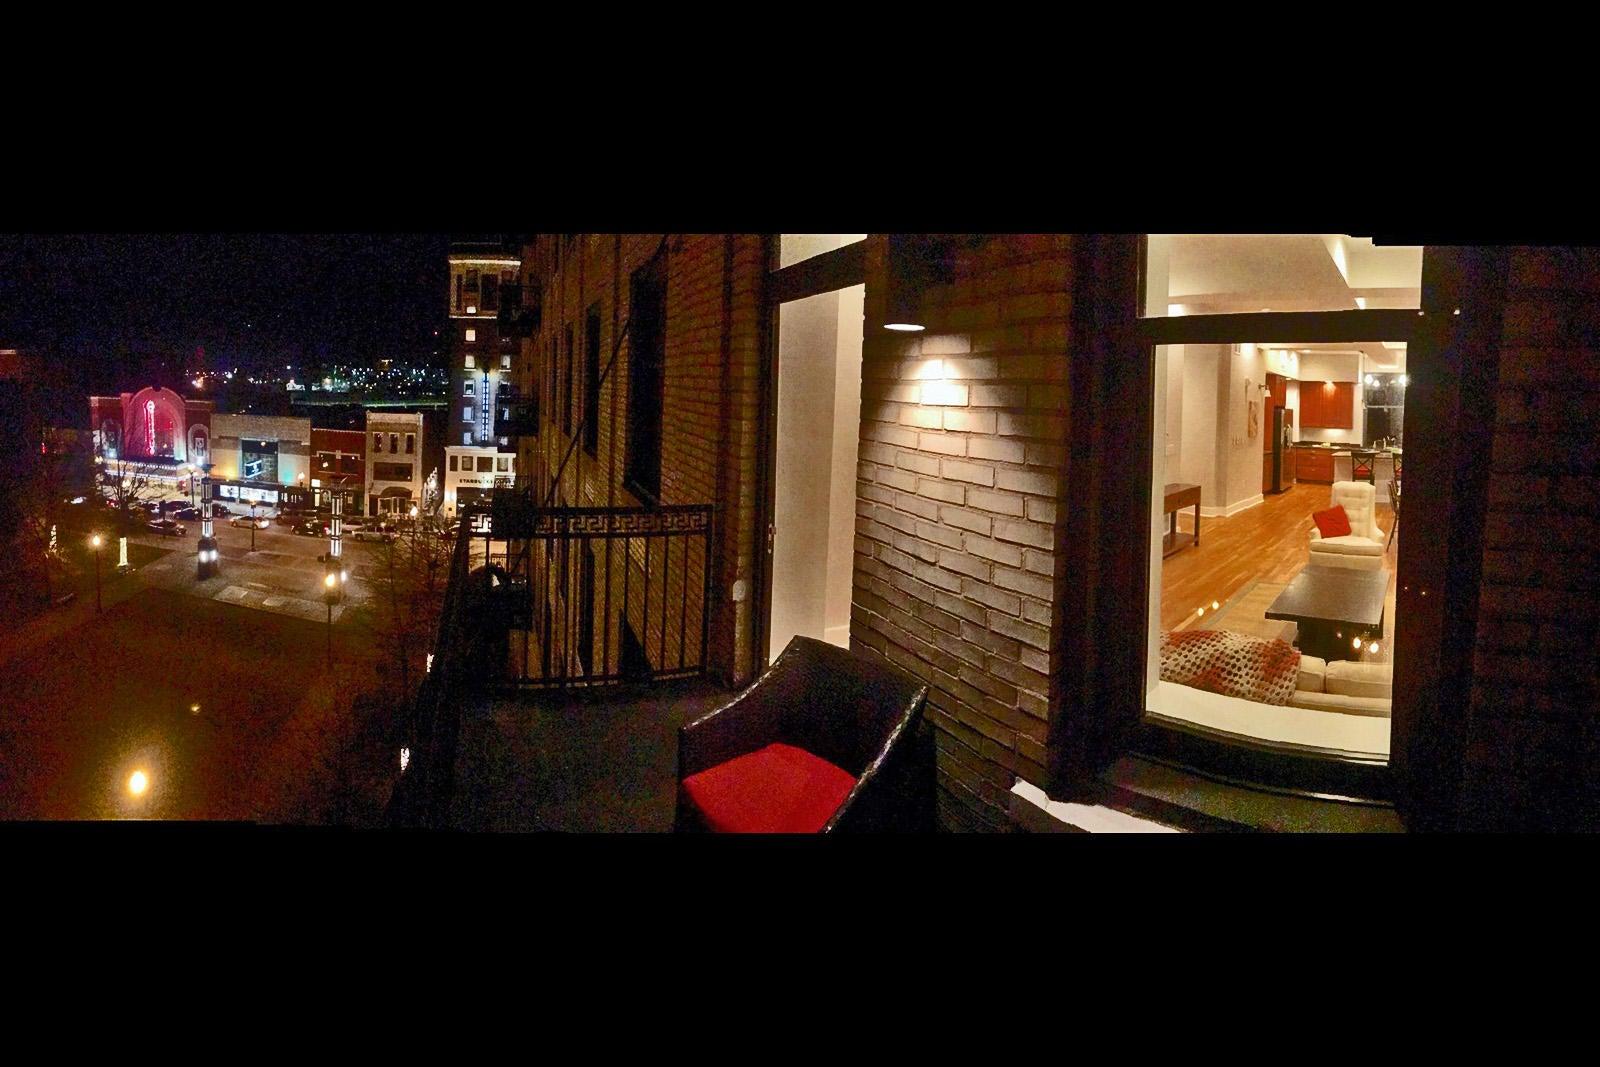 Holston 503 - 07 Balcony at night Gay St